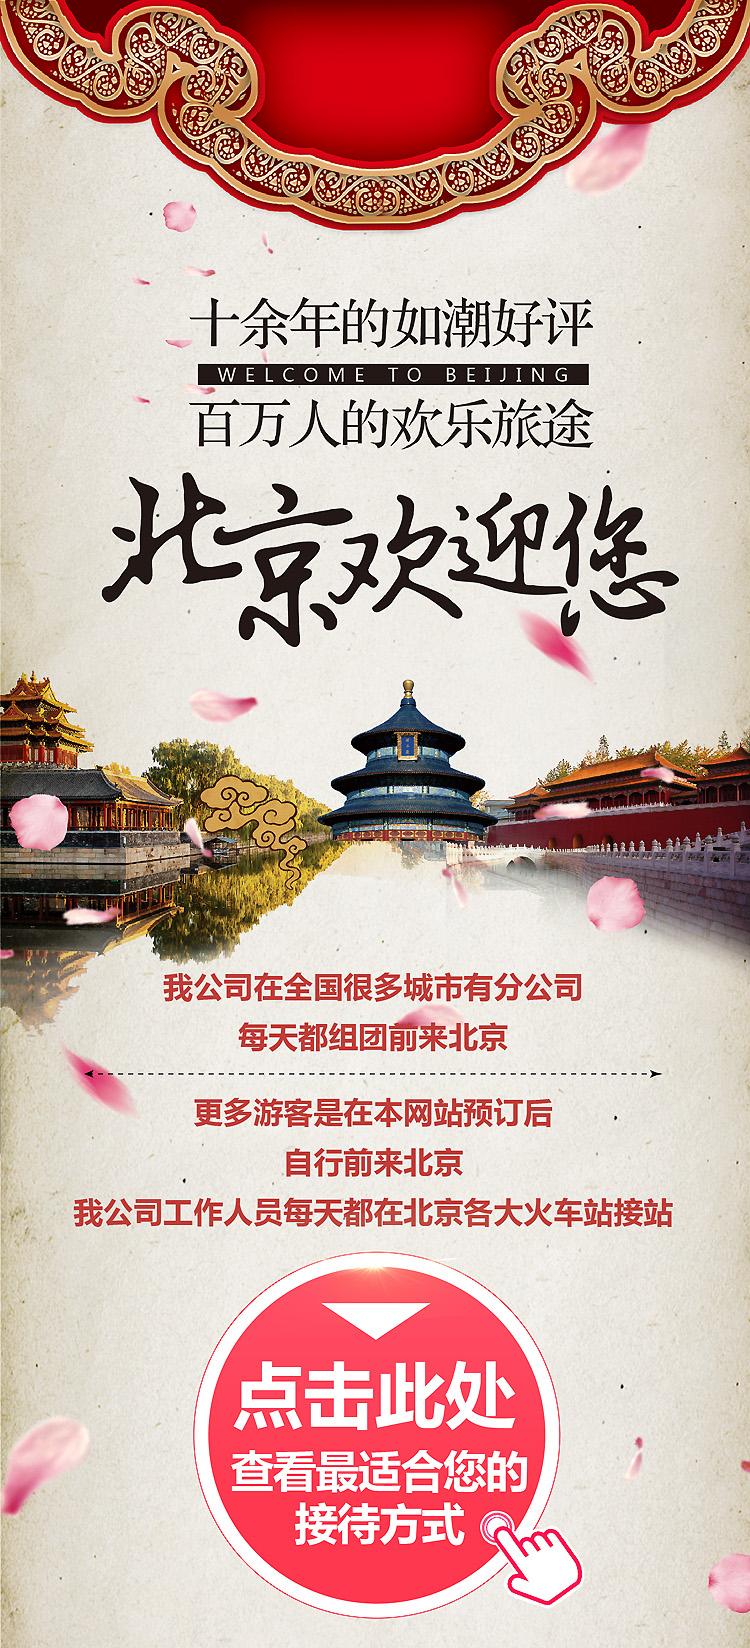 2019-北京-01